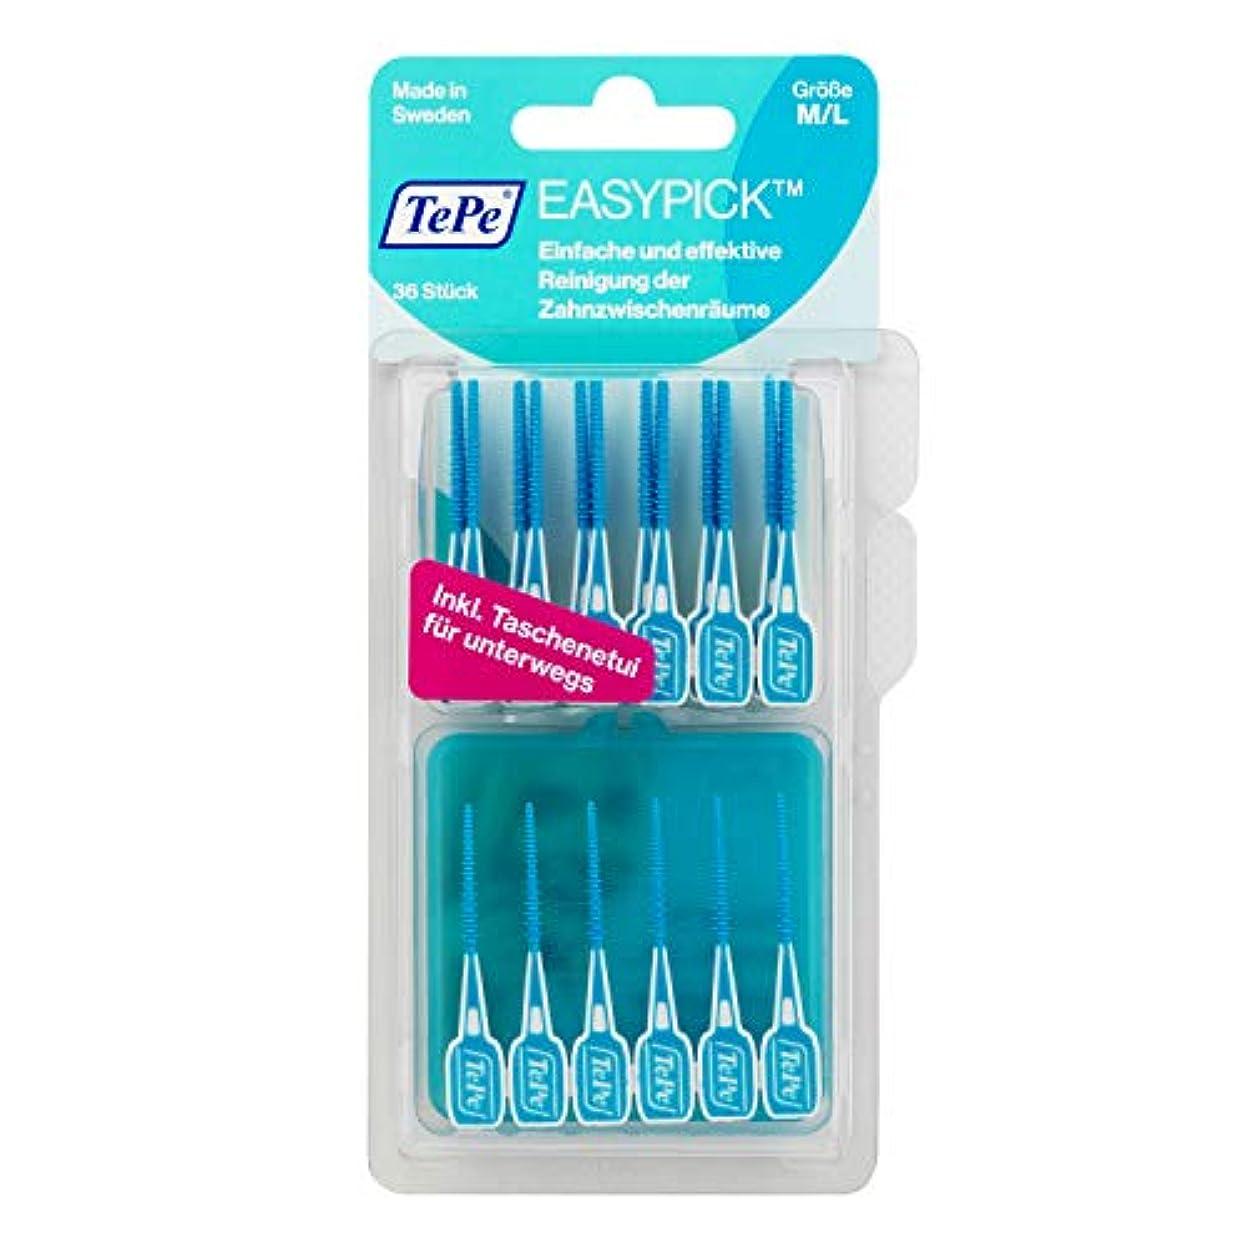 盆地銛泥Tepe Easy Pick Blue M/l 36 Pack, Travel Case Included - Recommended By Dentists